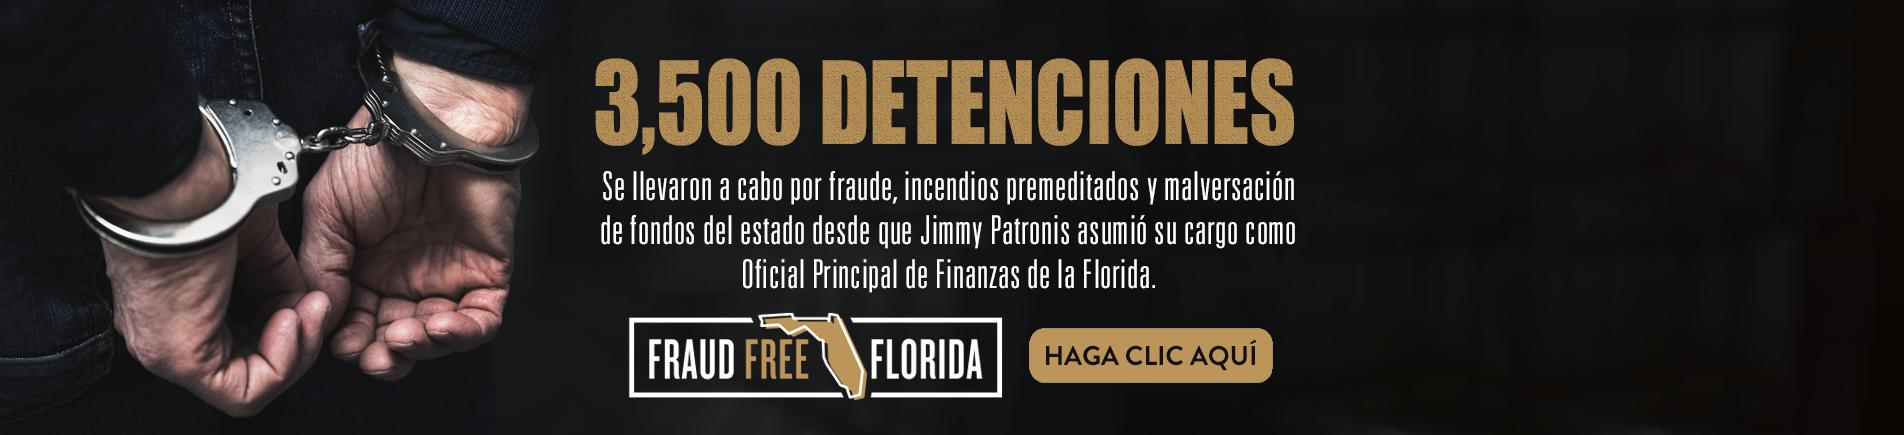 Recursos de Fraud Free Florida